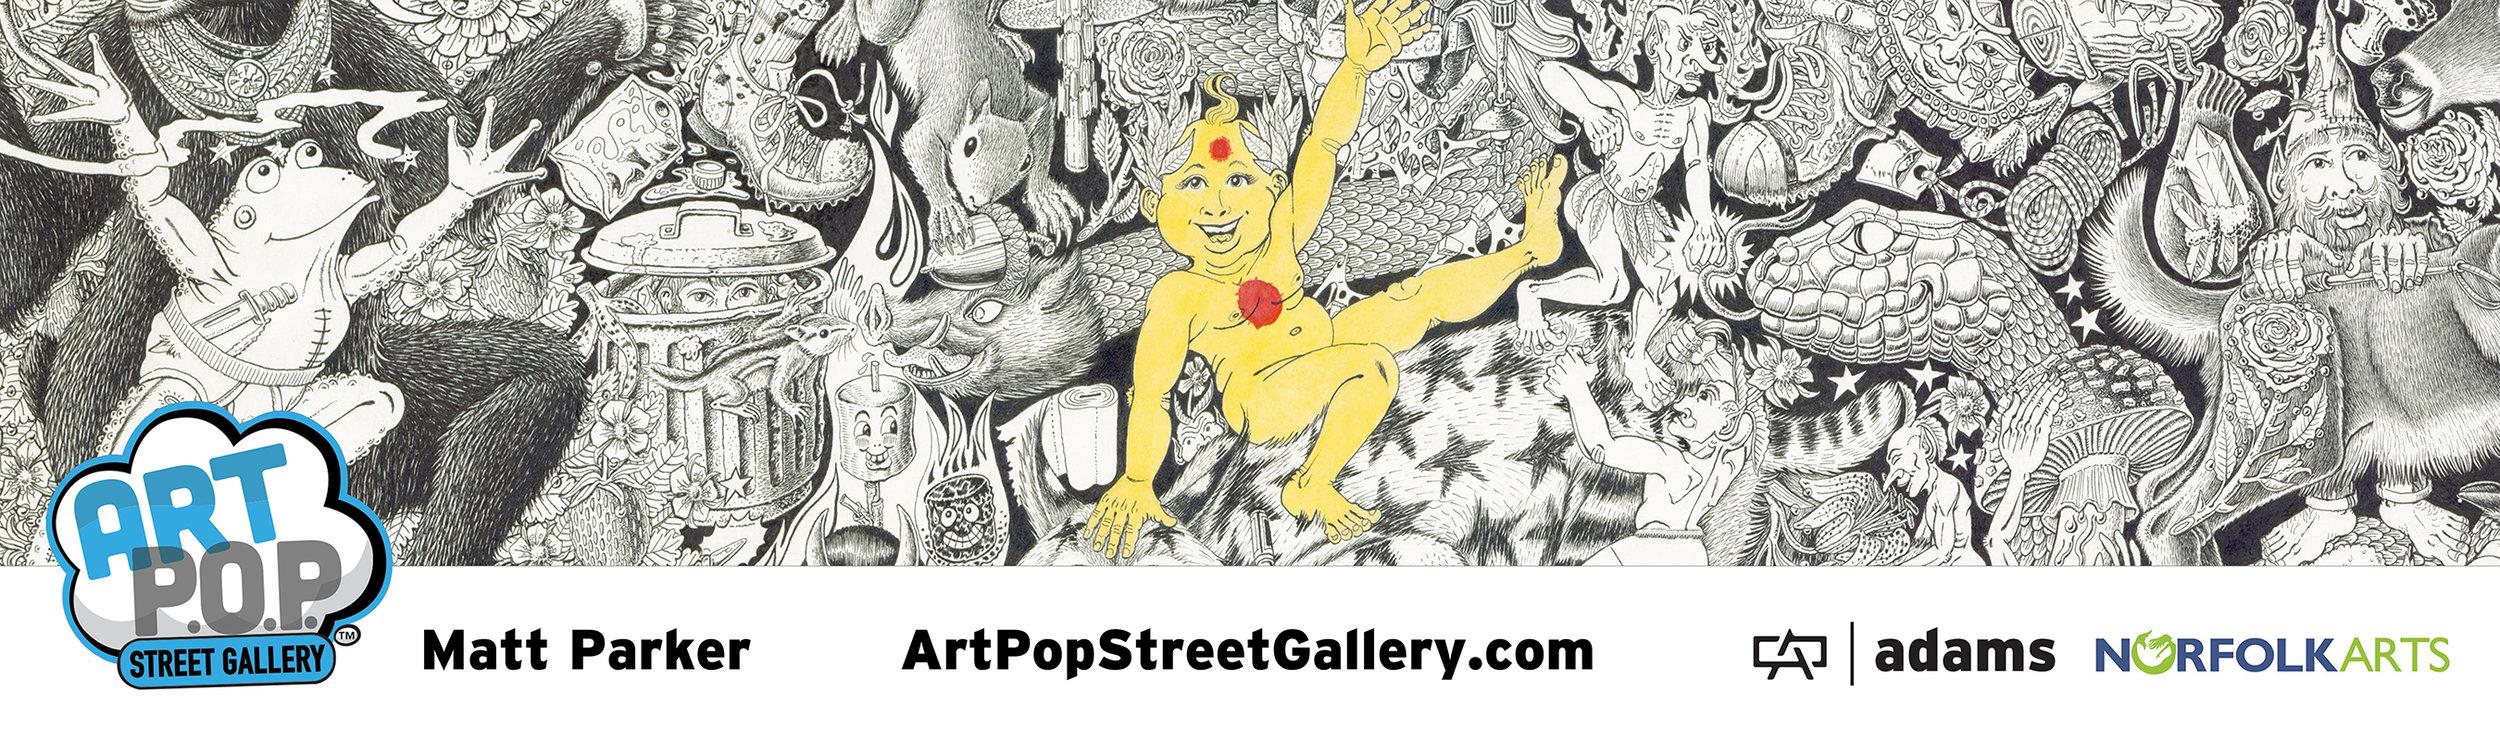 http://www.paintfreeordye.com